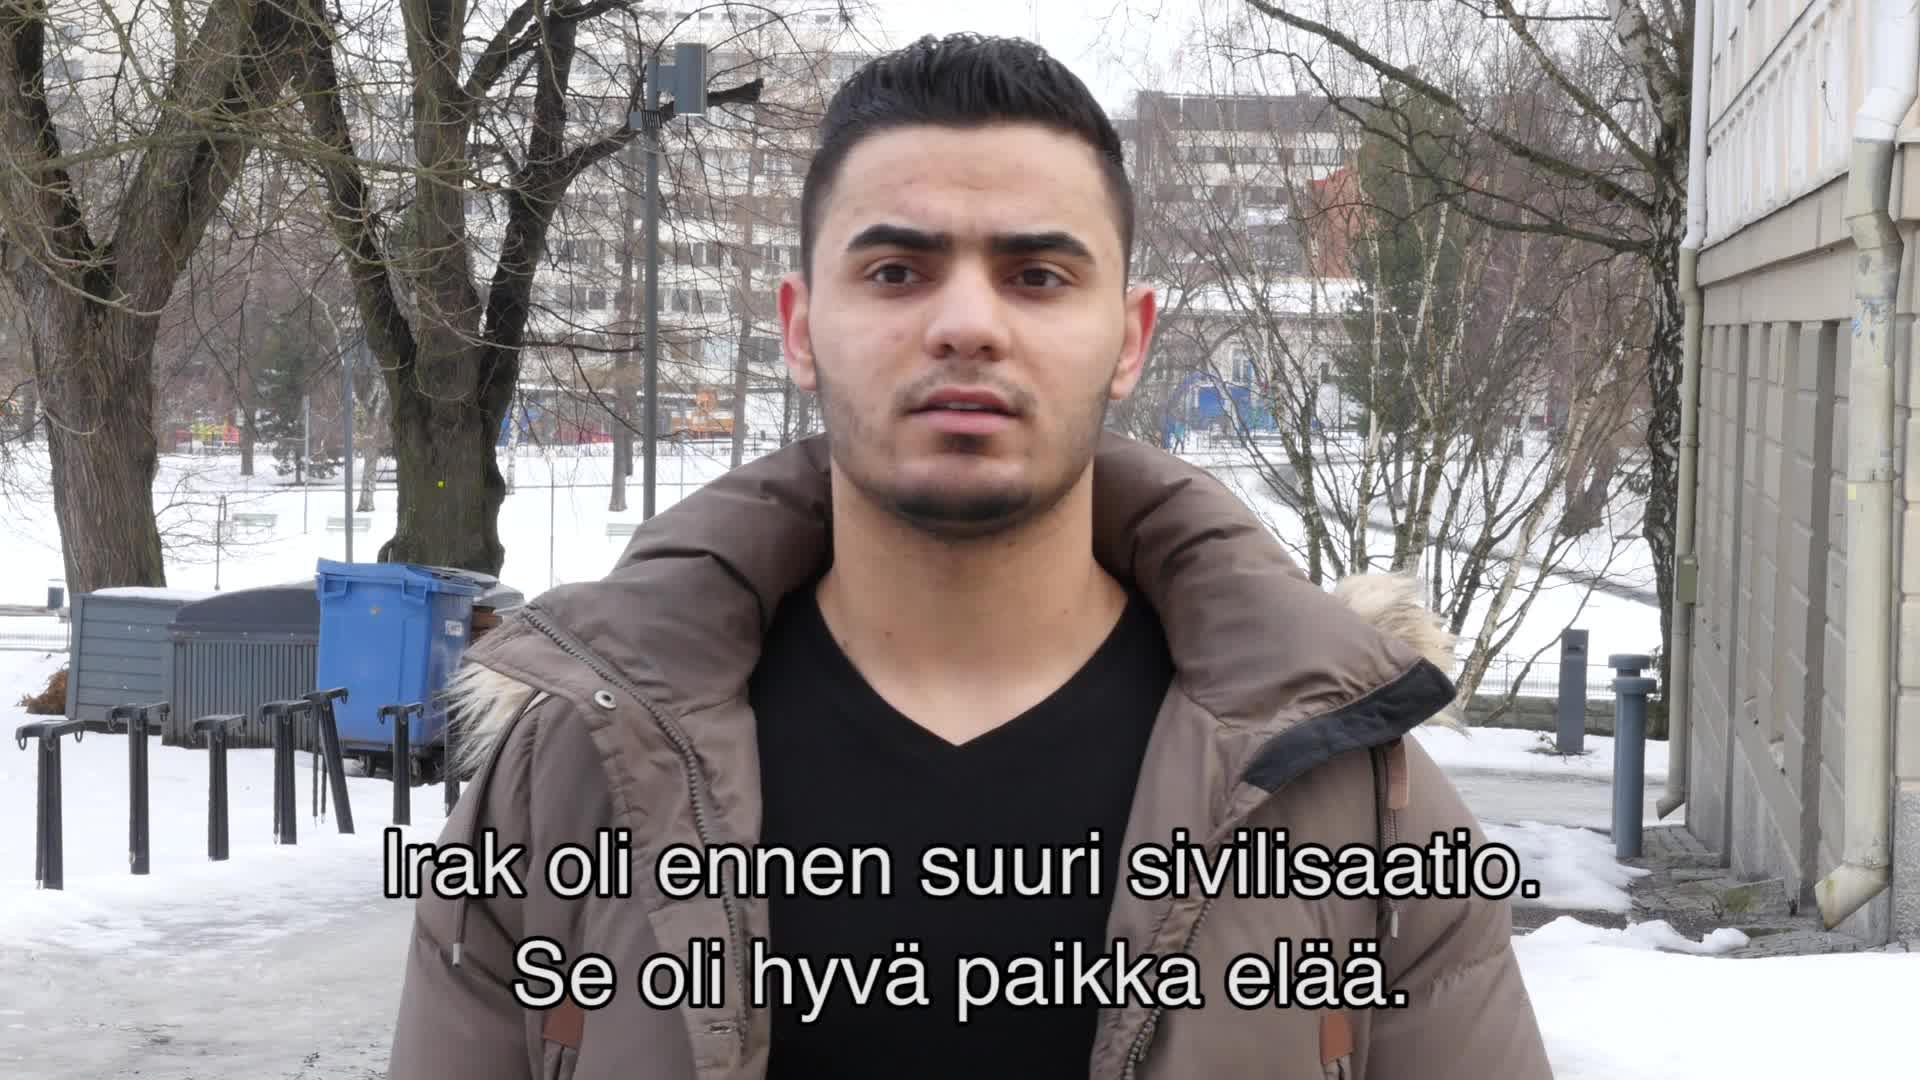 Irak suku puoli video